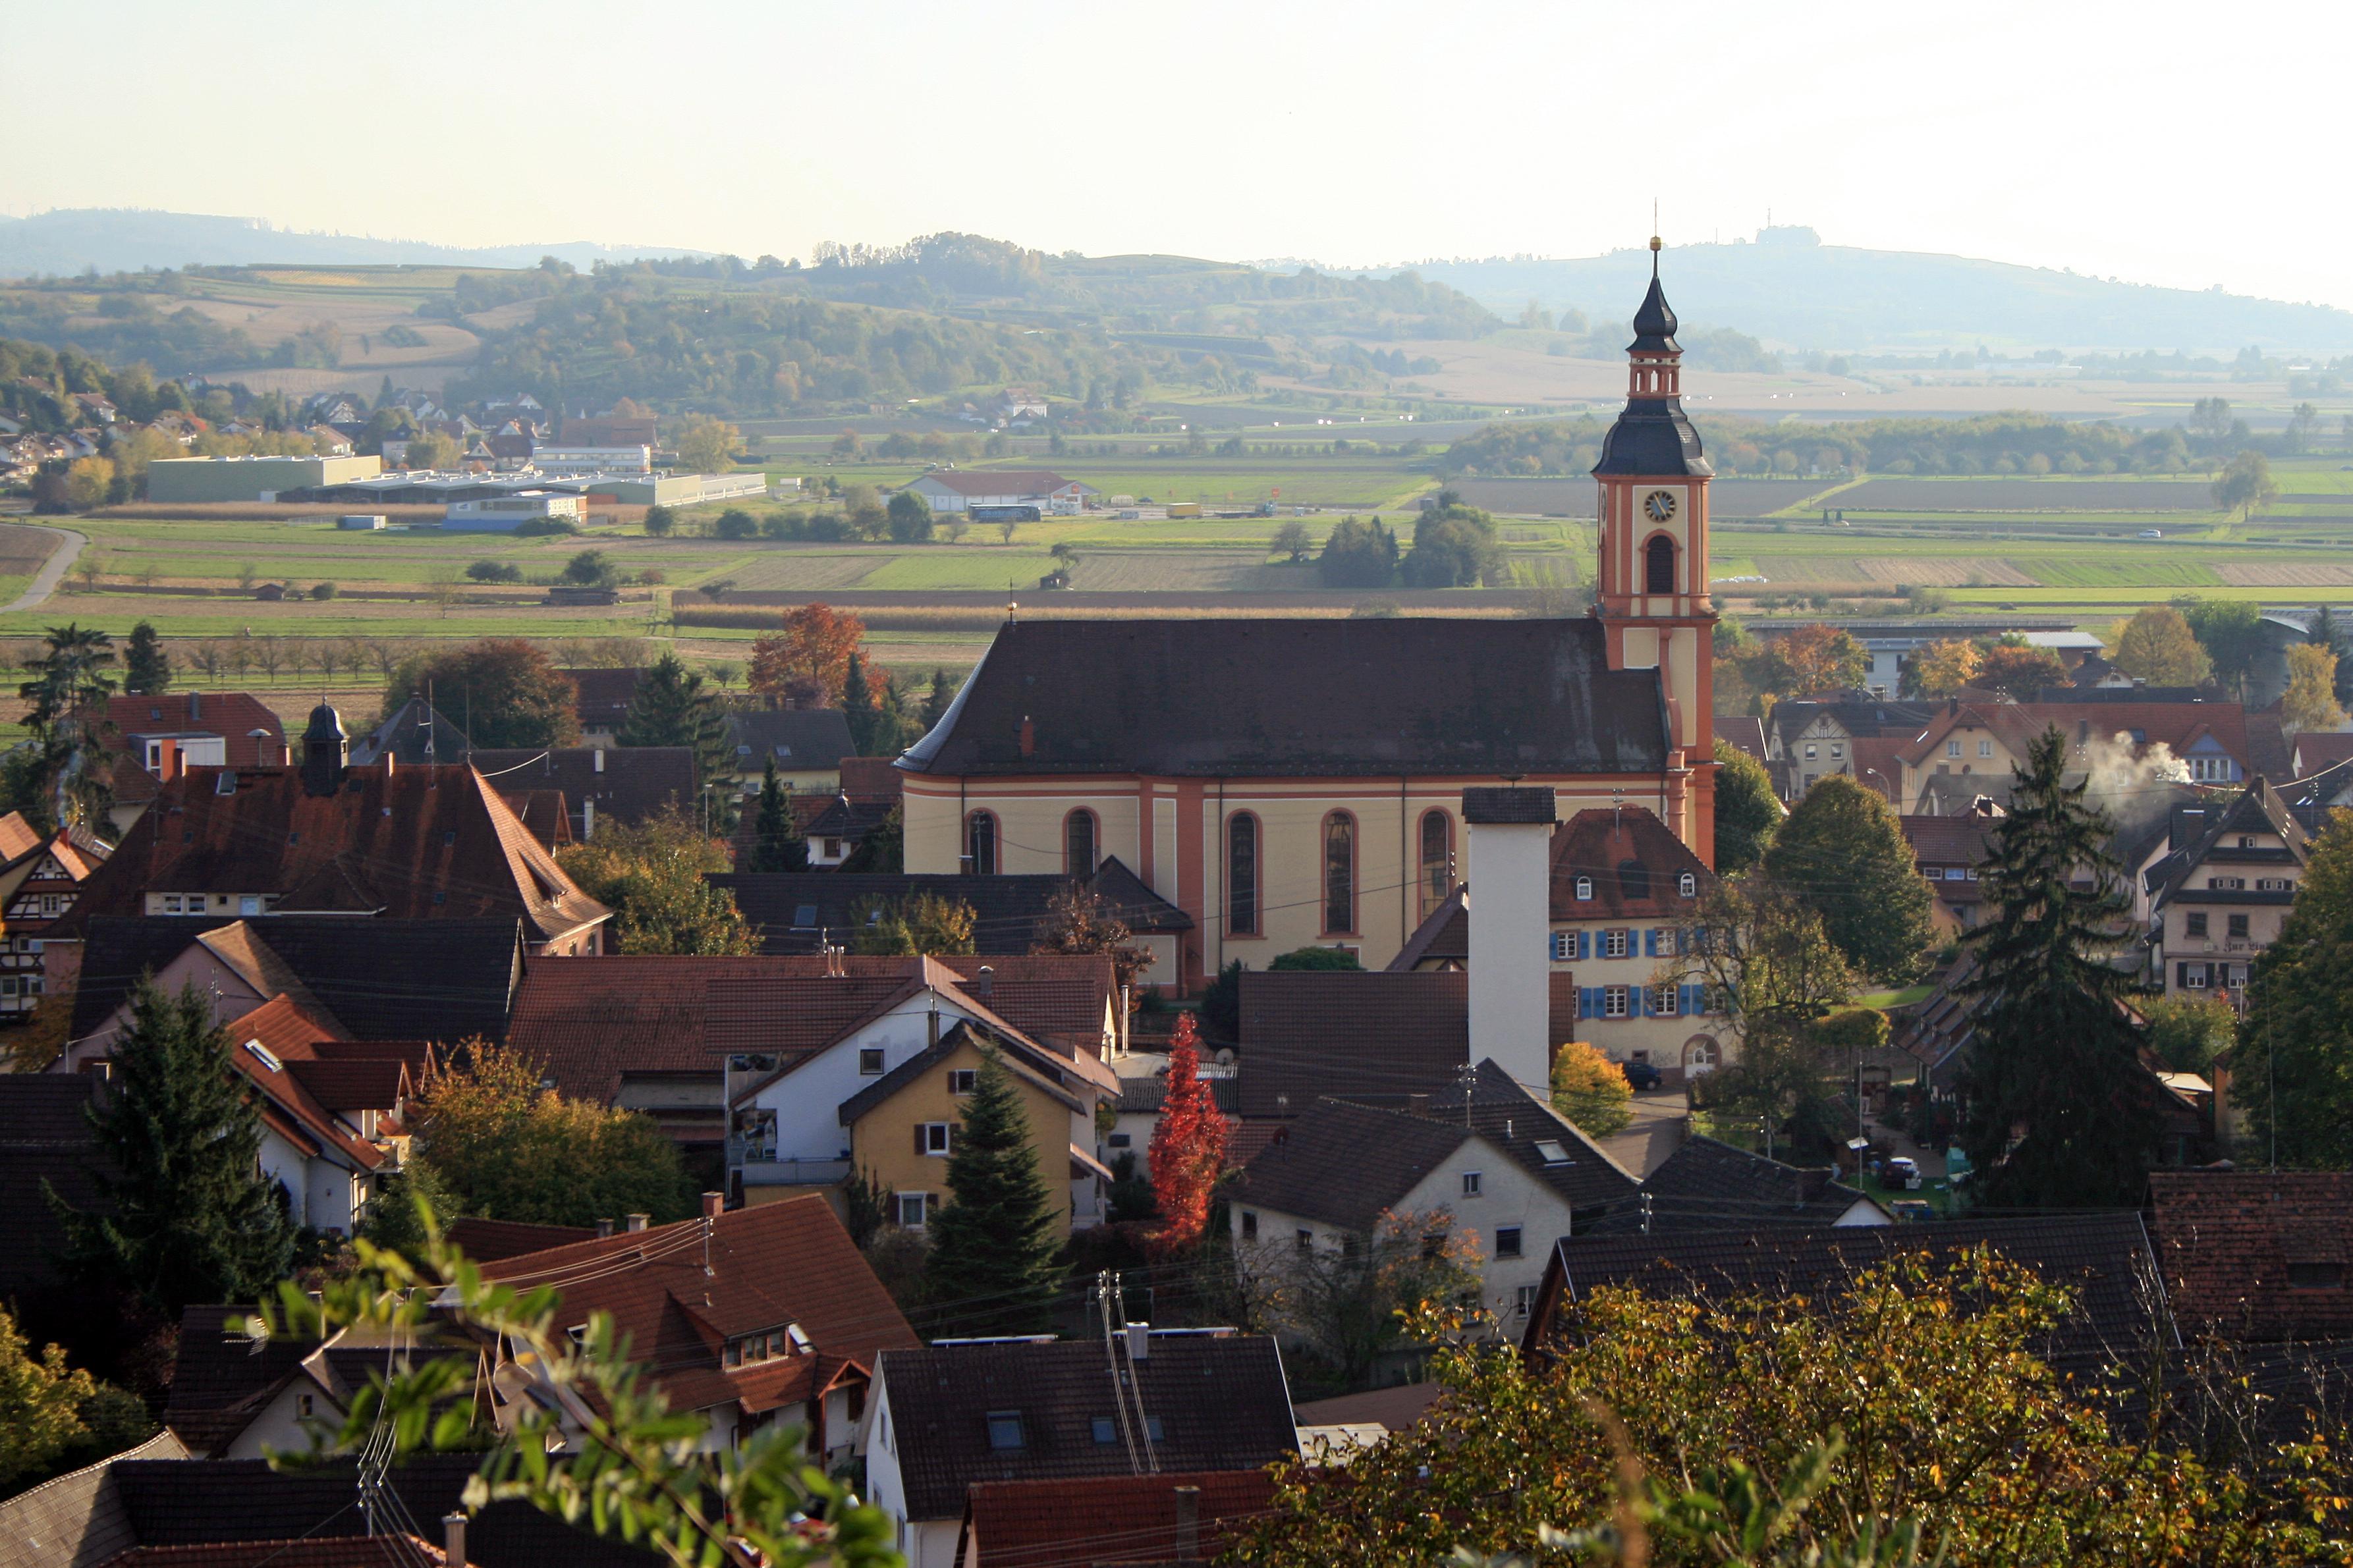 St. Brigitta in Niederschopfheim